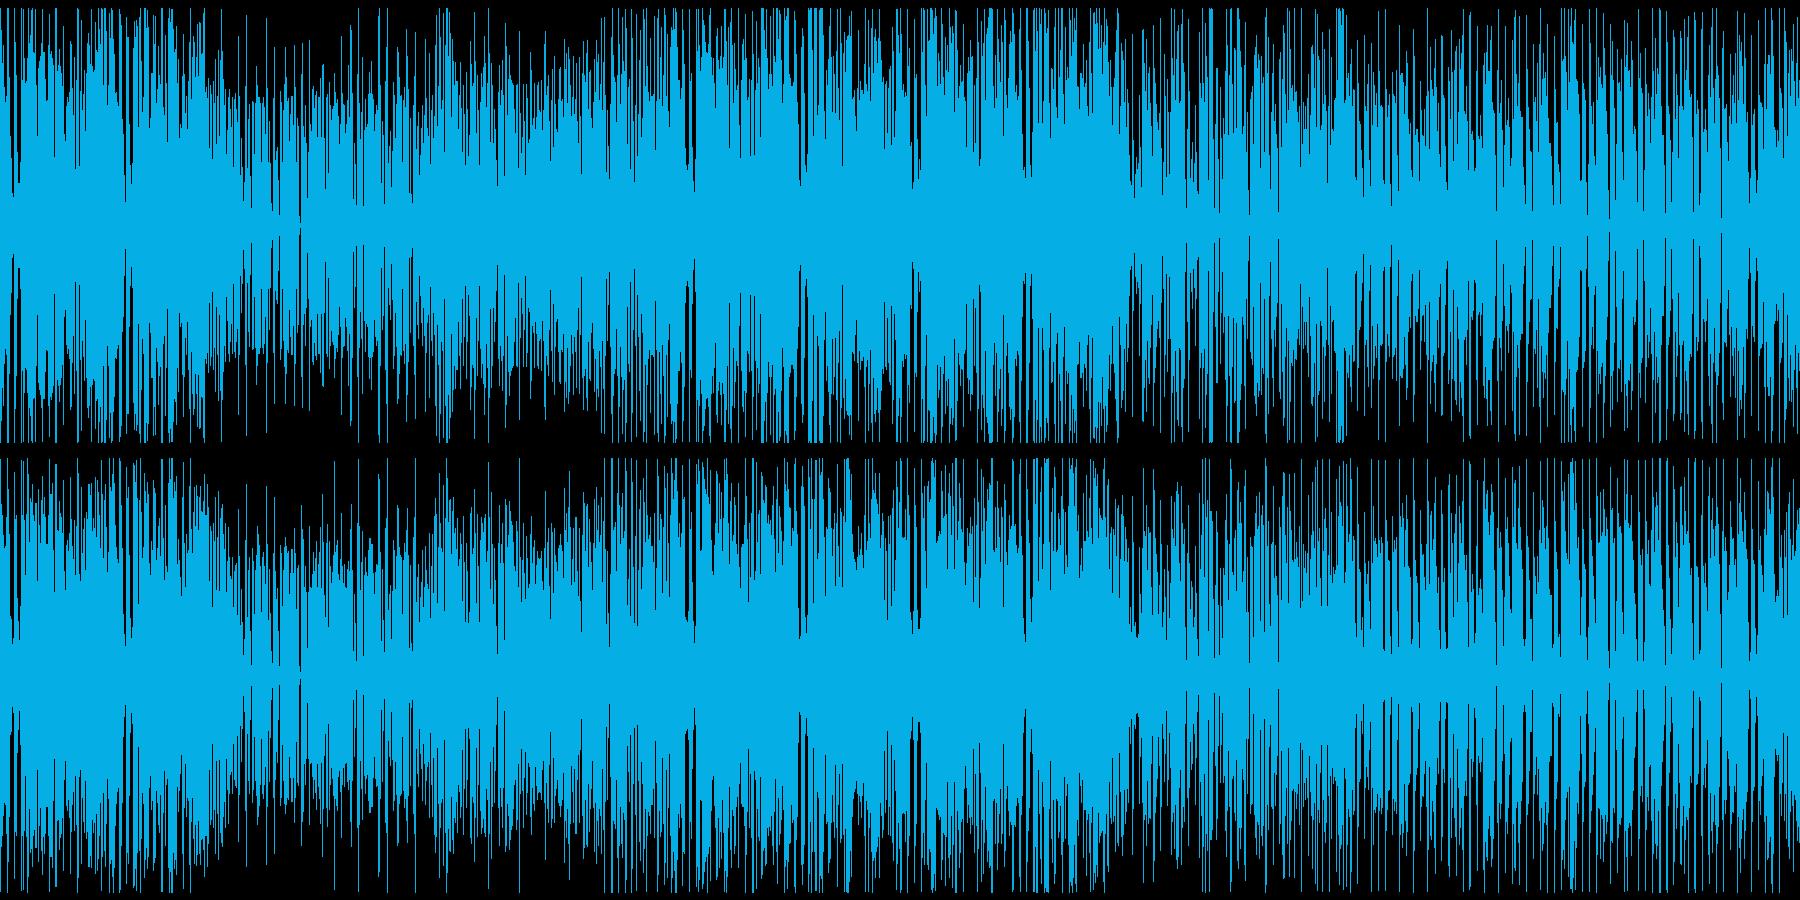 わくわく・ノリノリのポップロックの再生済みの波形